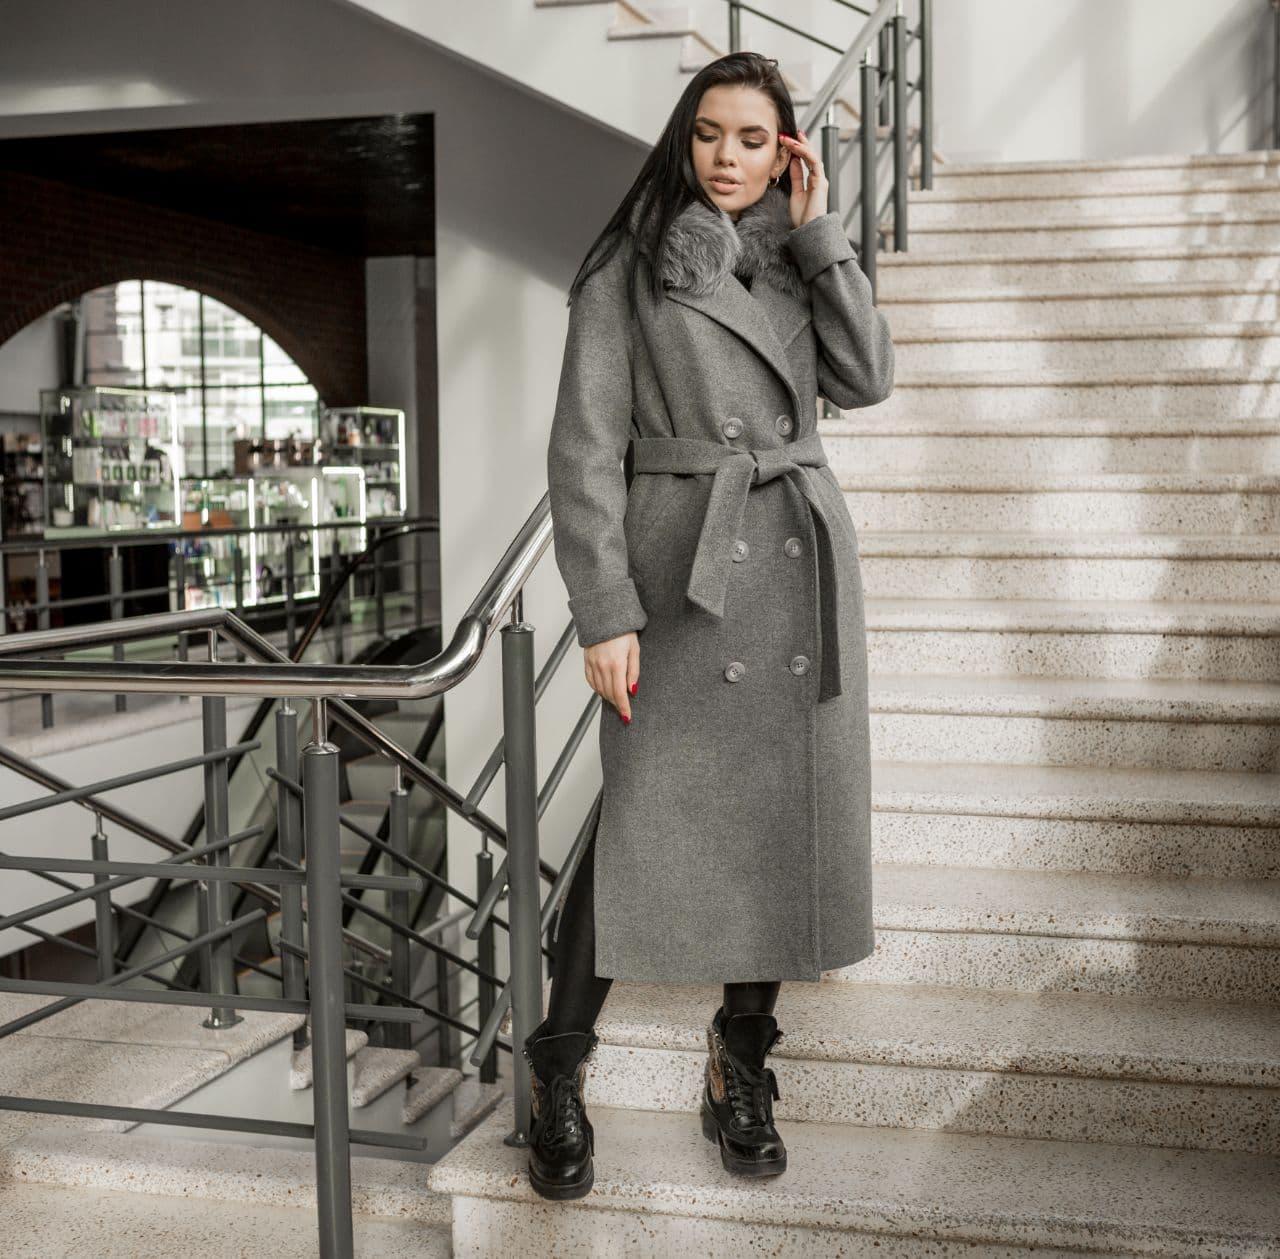 Пальто зимове жіноче з хутром cіре